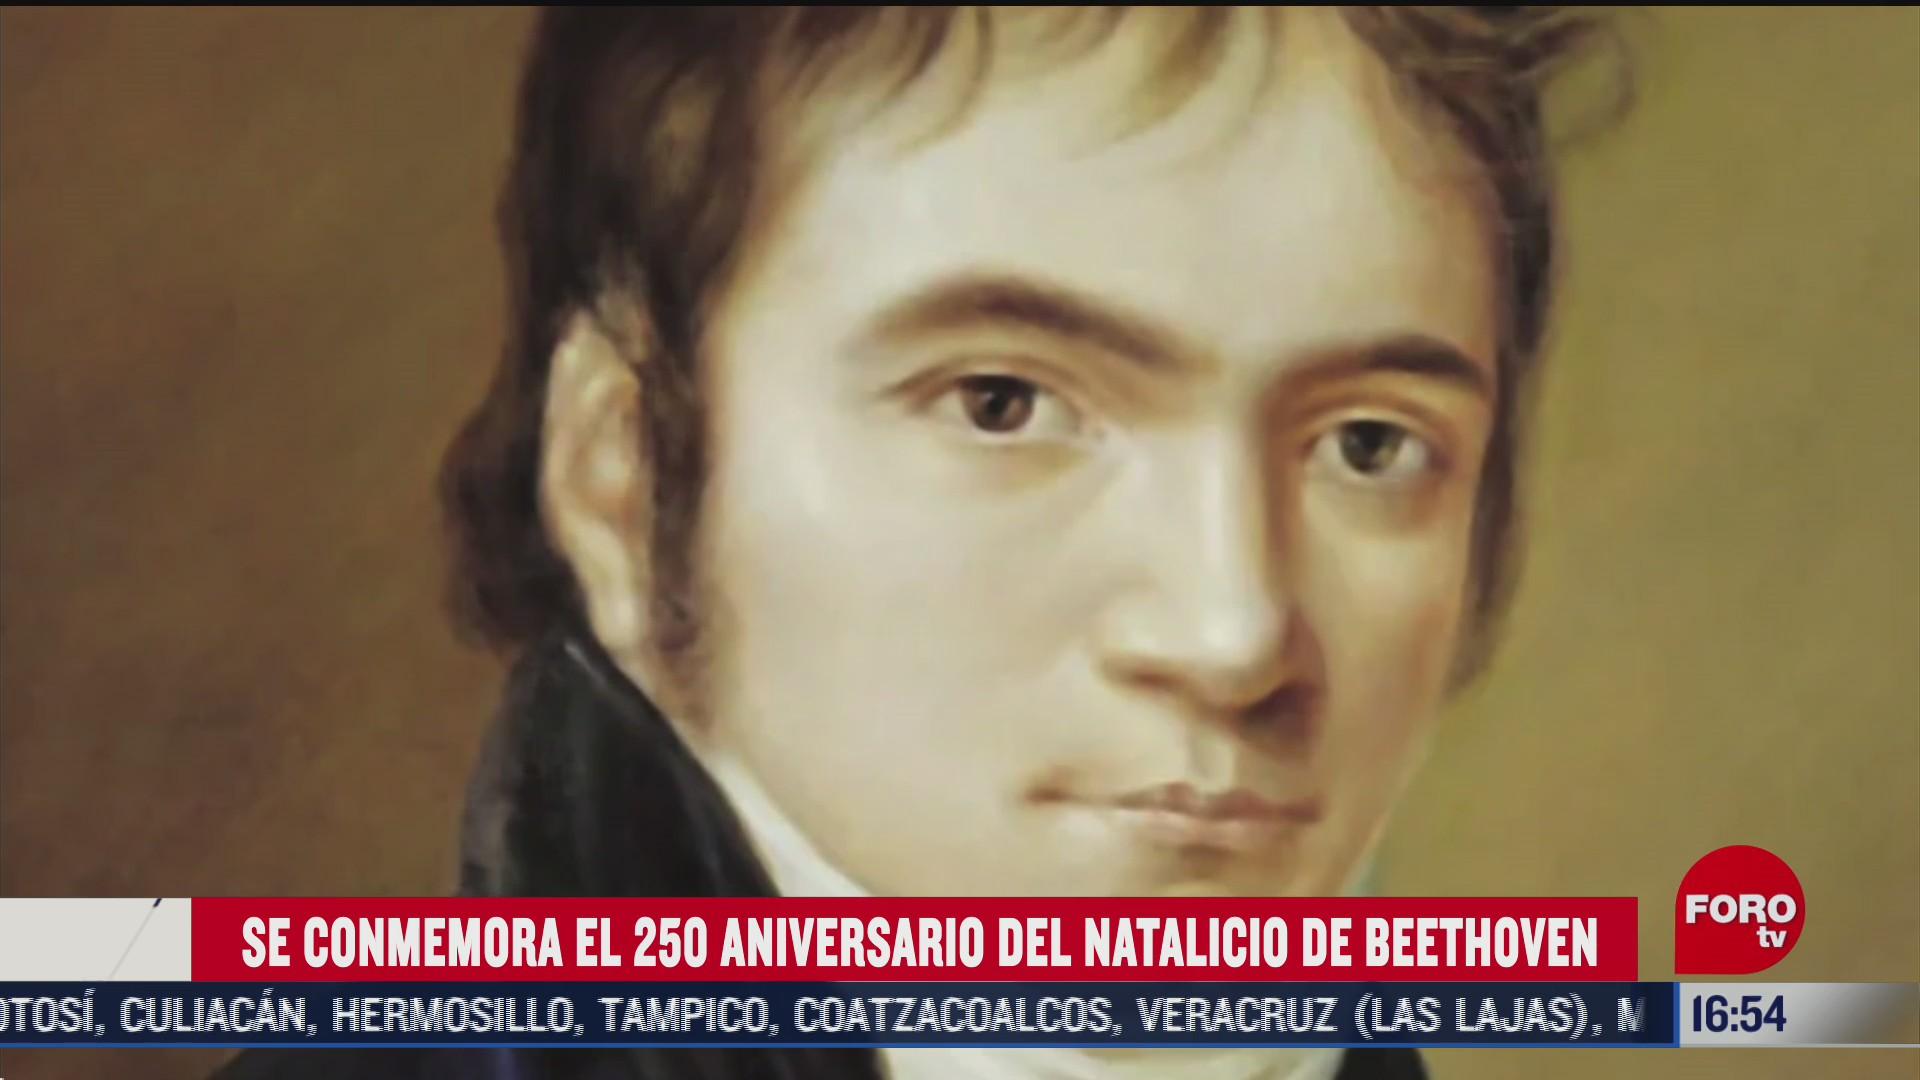 se conmemora el 250 aniversario de natalicio de beethoven